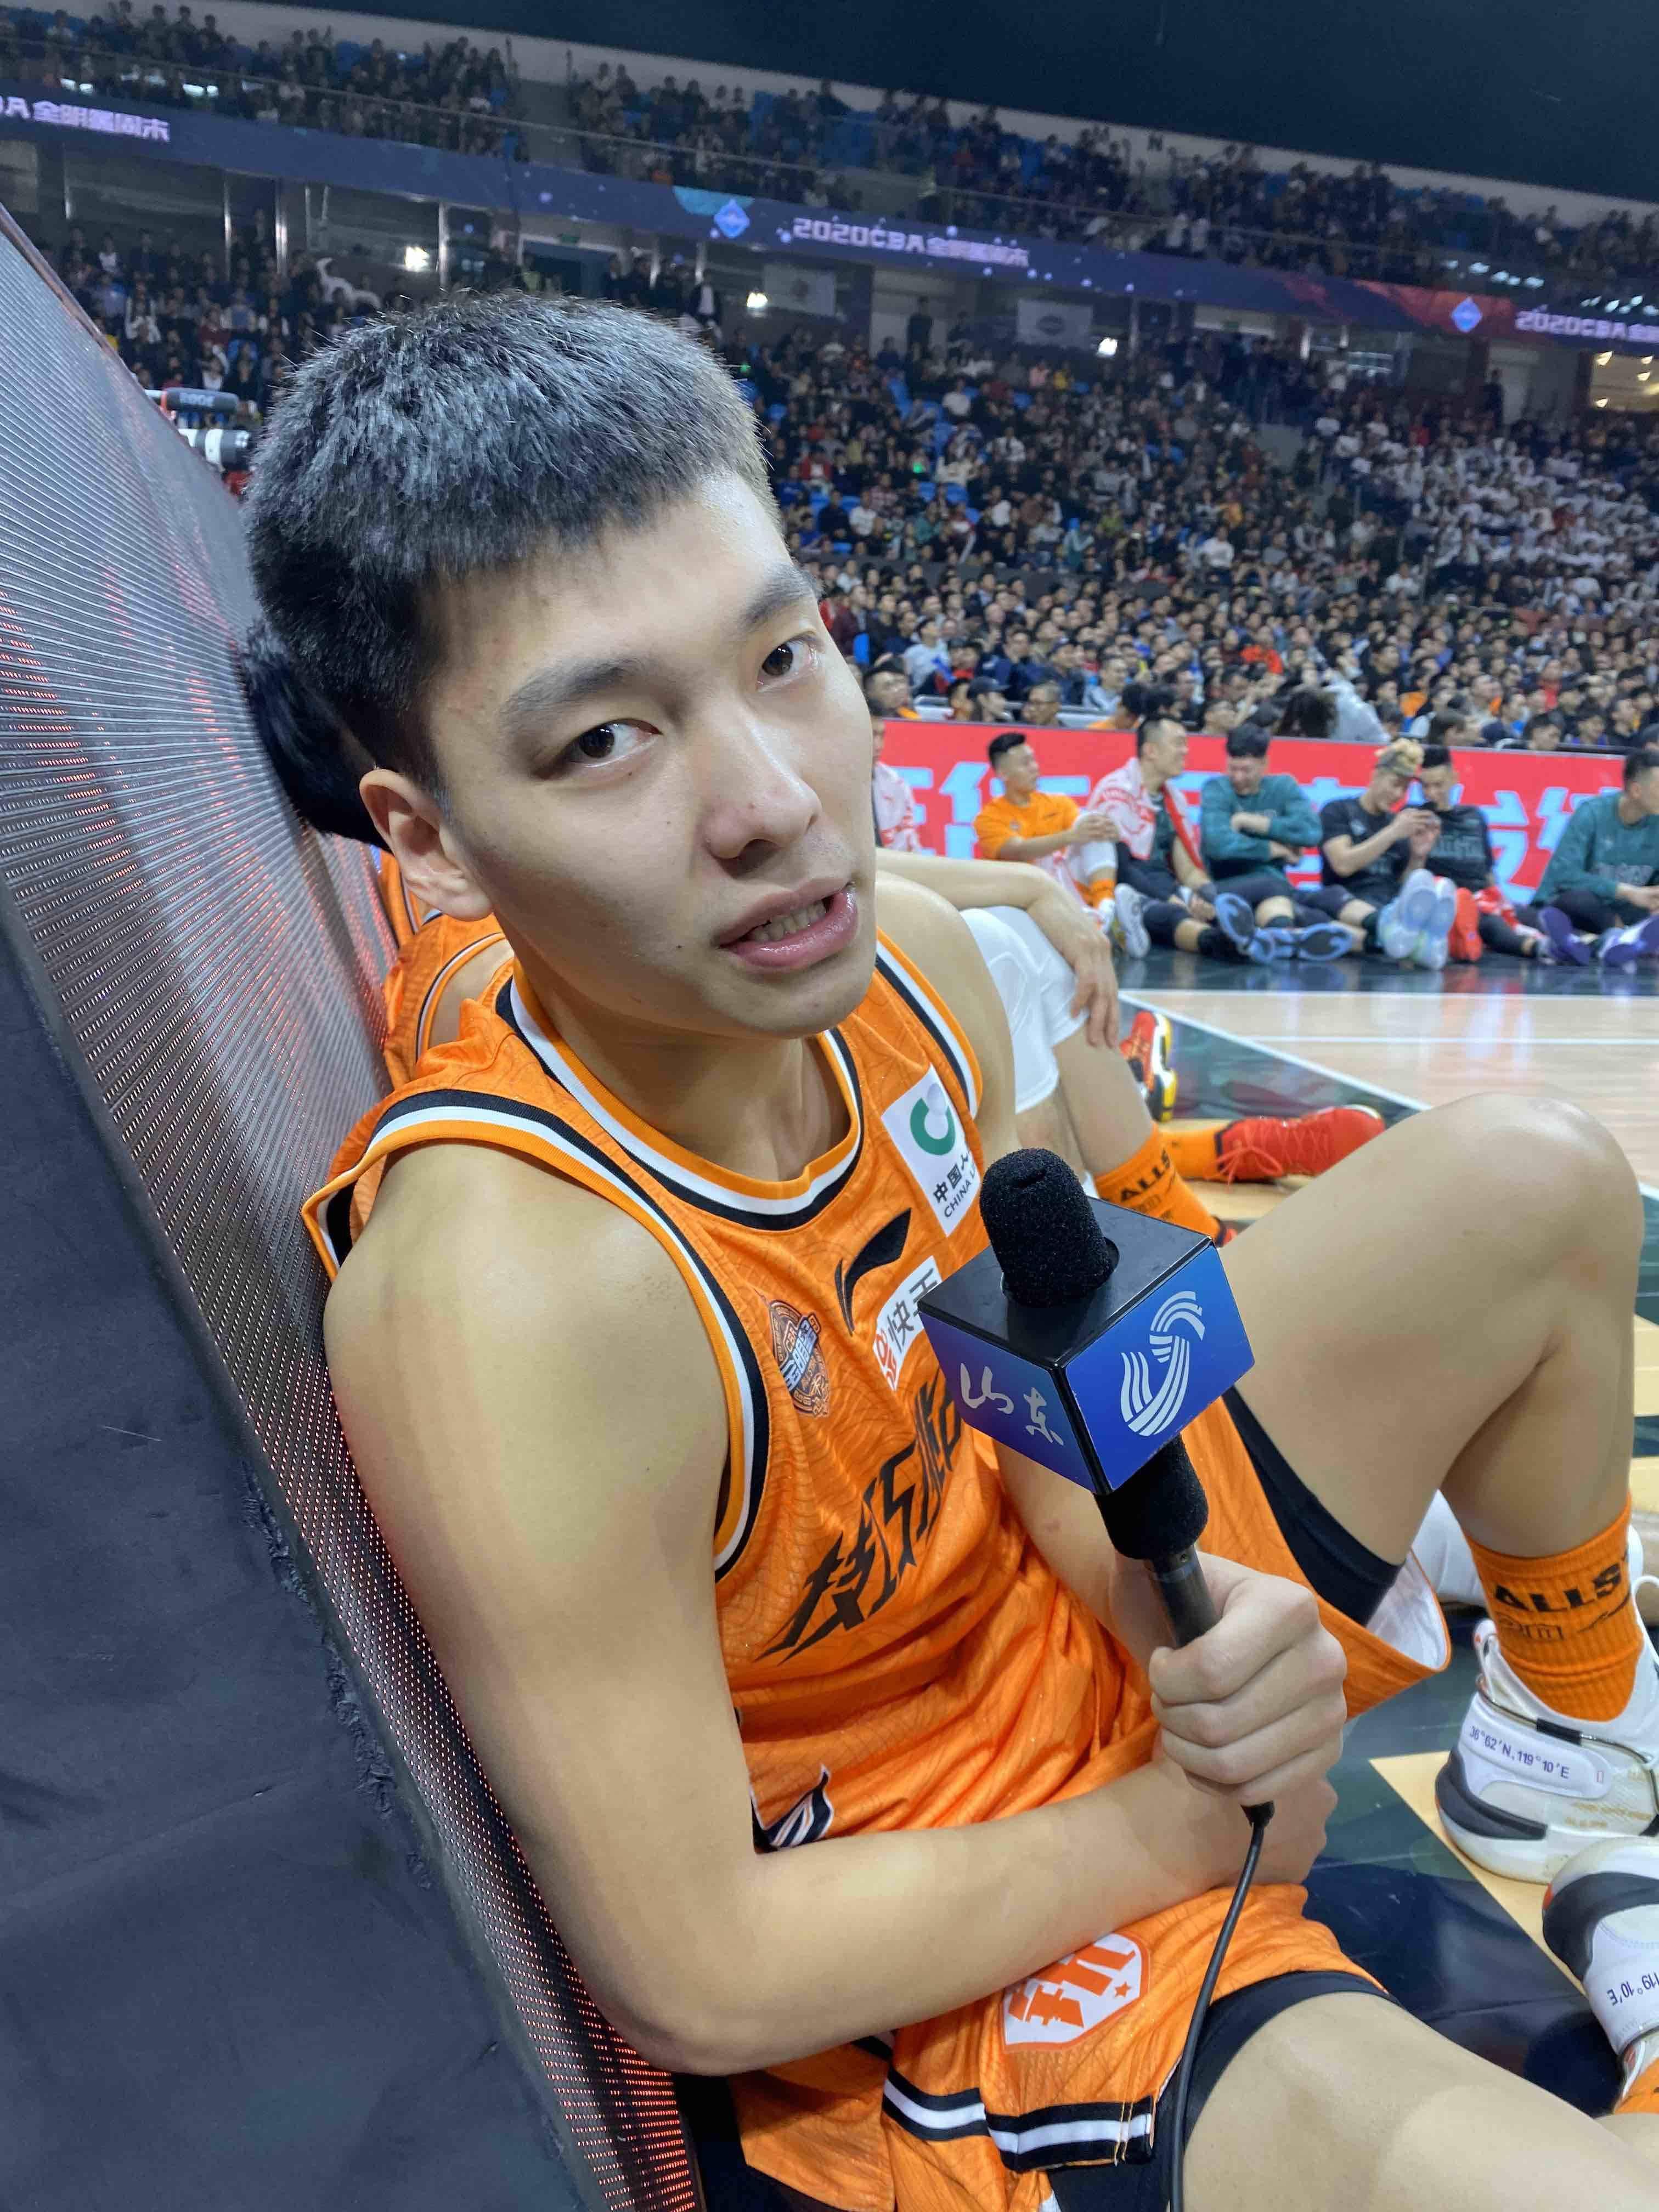 技巧赛冠军陈培东:我就是冲着冠军来的